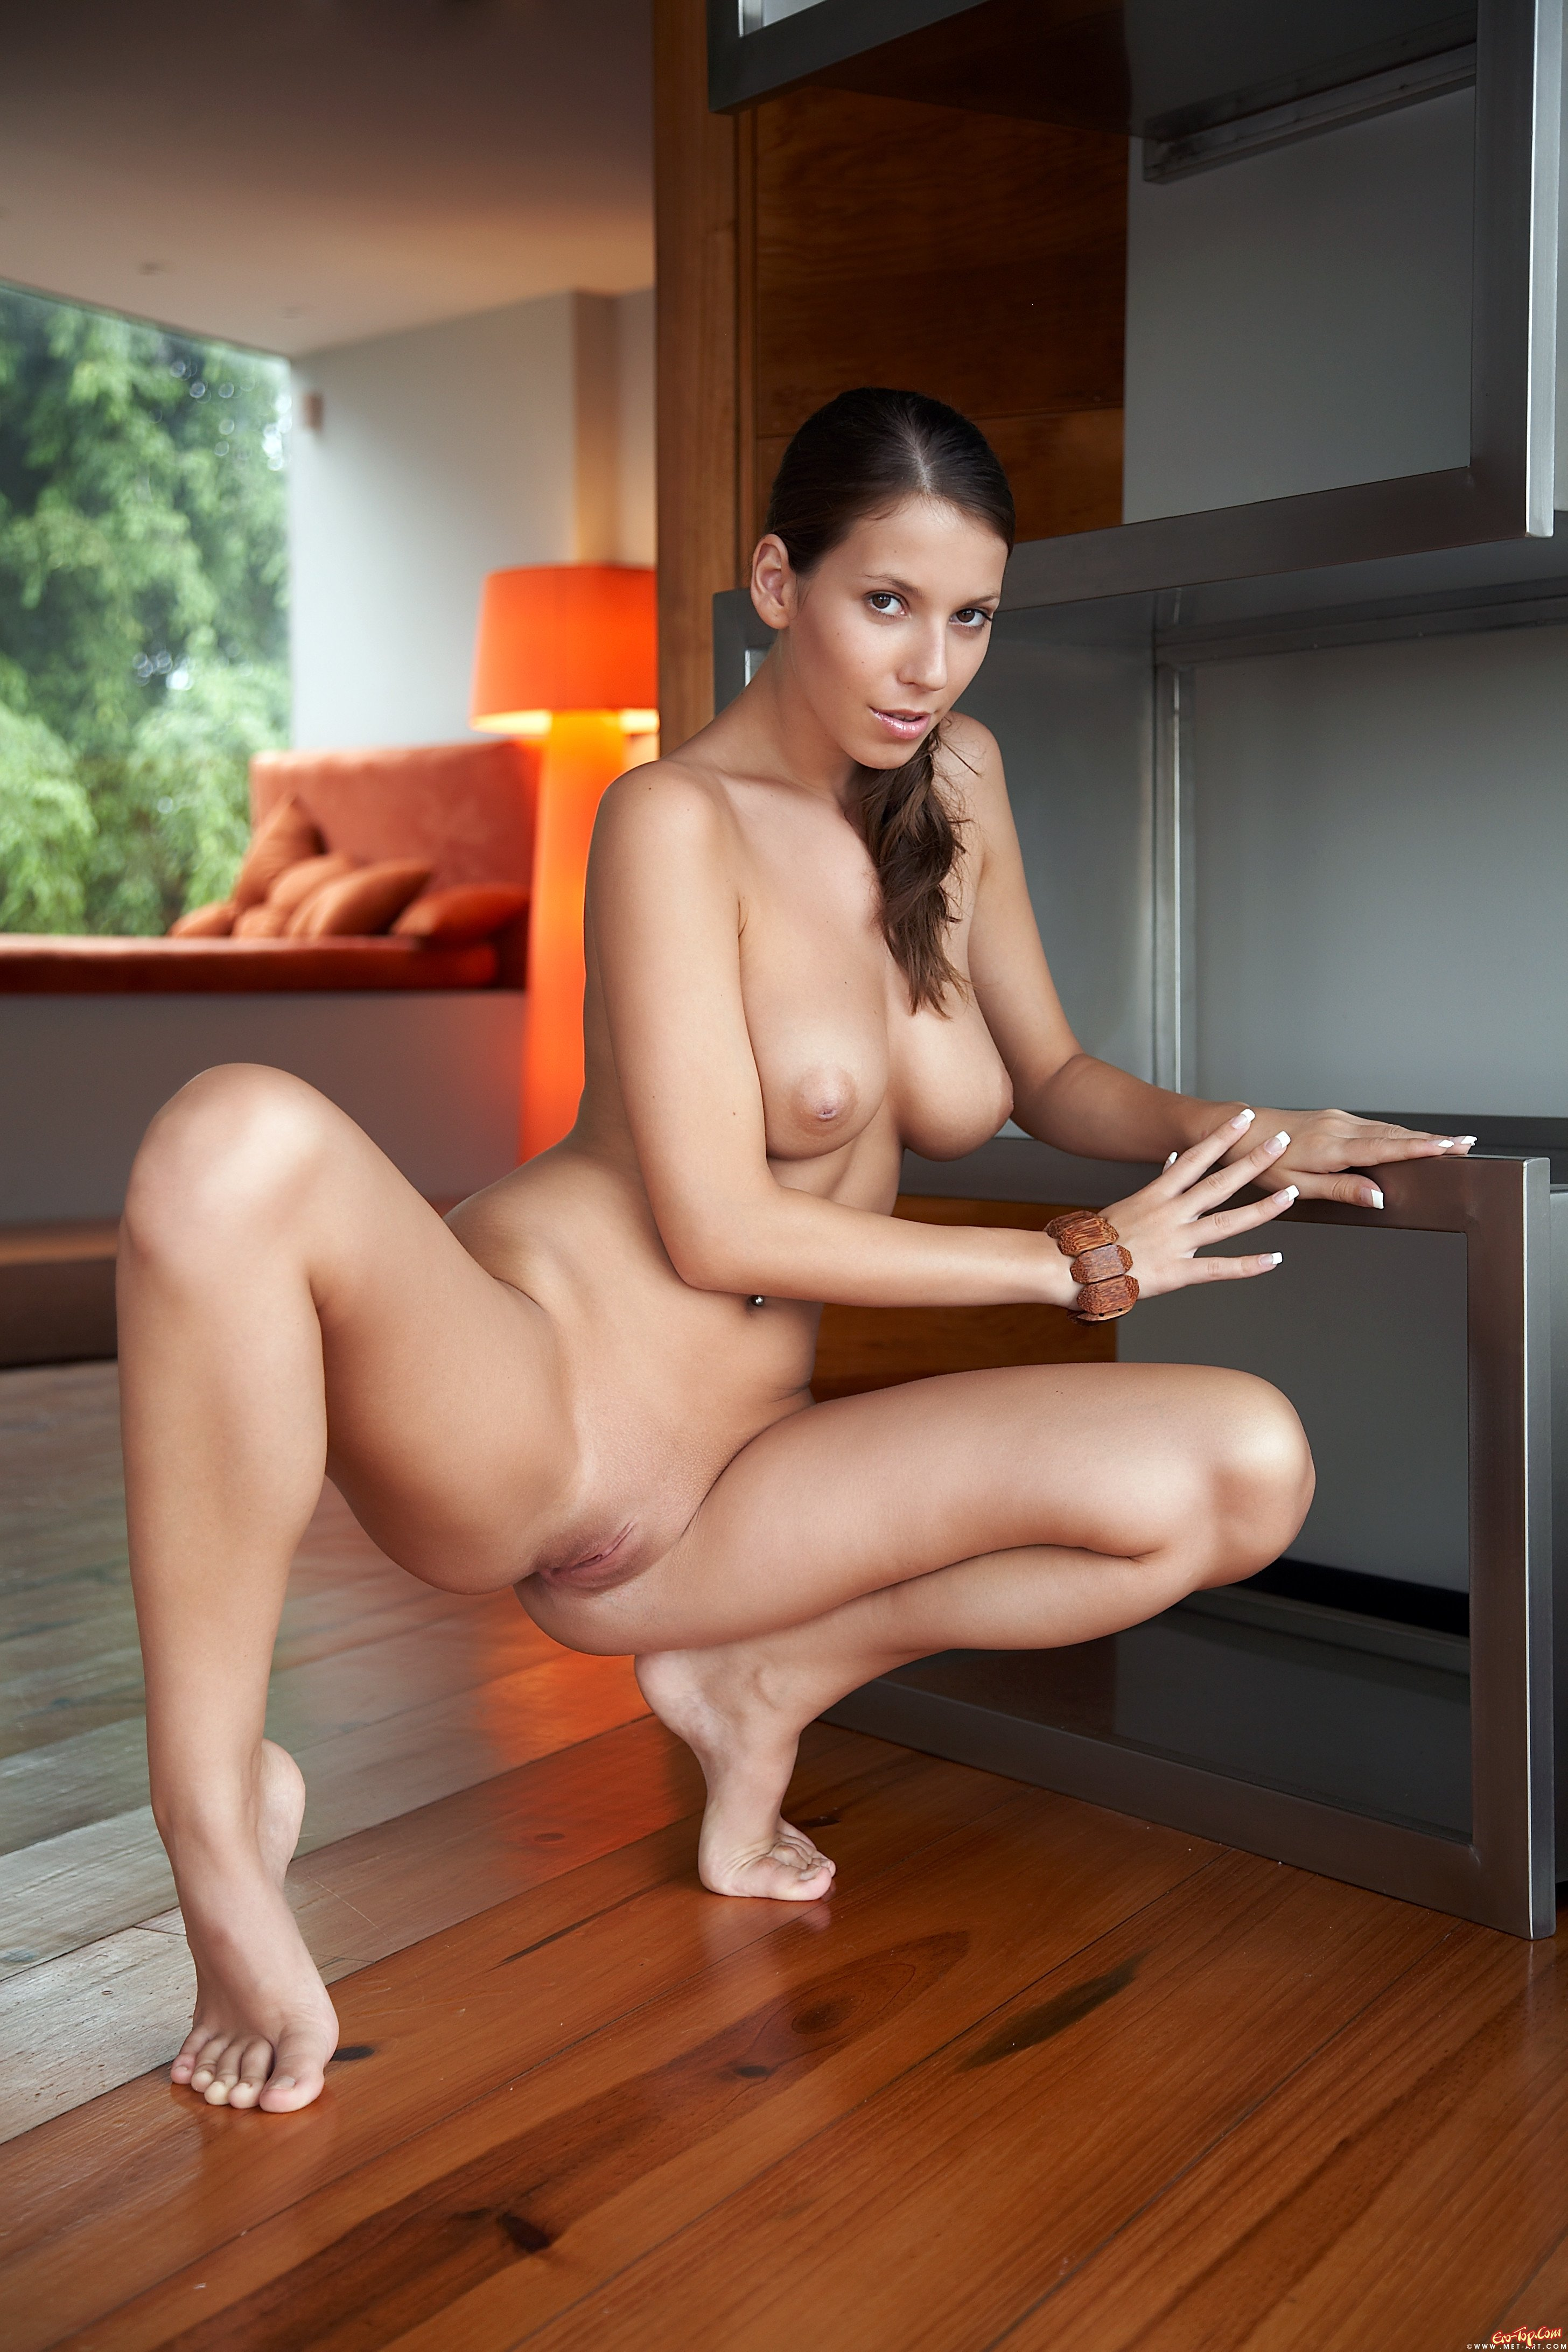 Фото красивые голые женщины раздвигают ножки 17 фотография